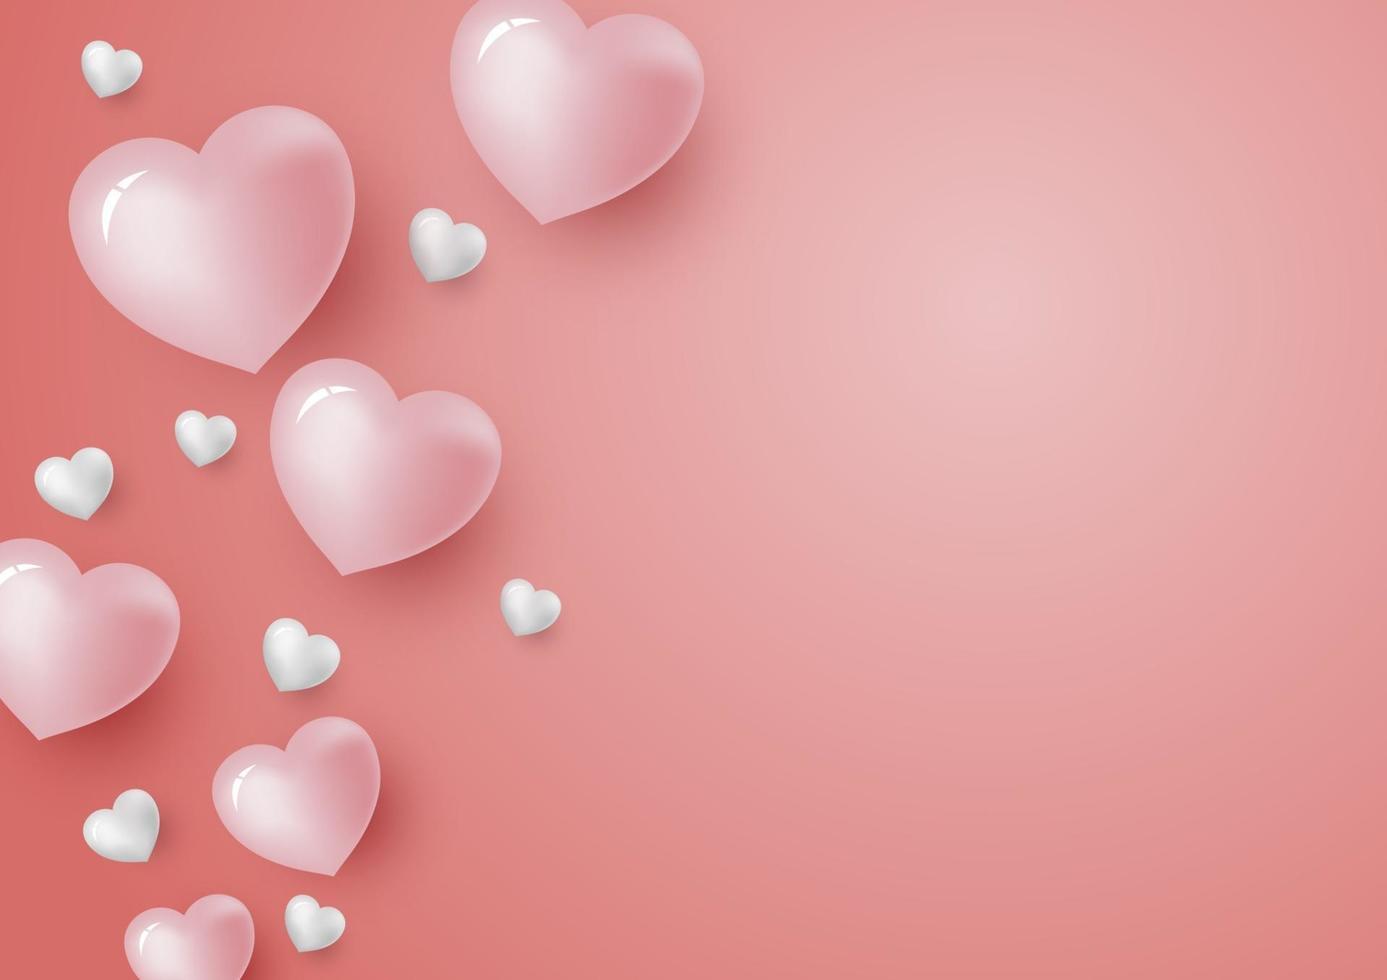 Corazones 3d sobre fondo de color coral para el día de san valentín y la ilustración de vector de tarjeta de boda